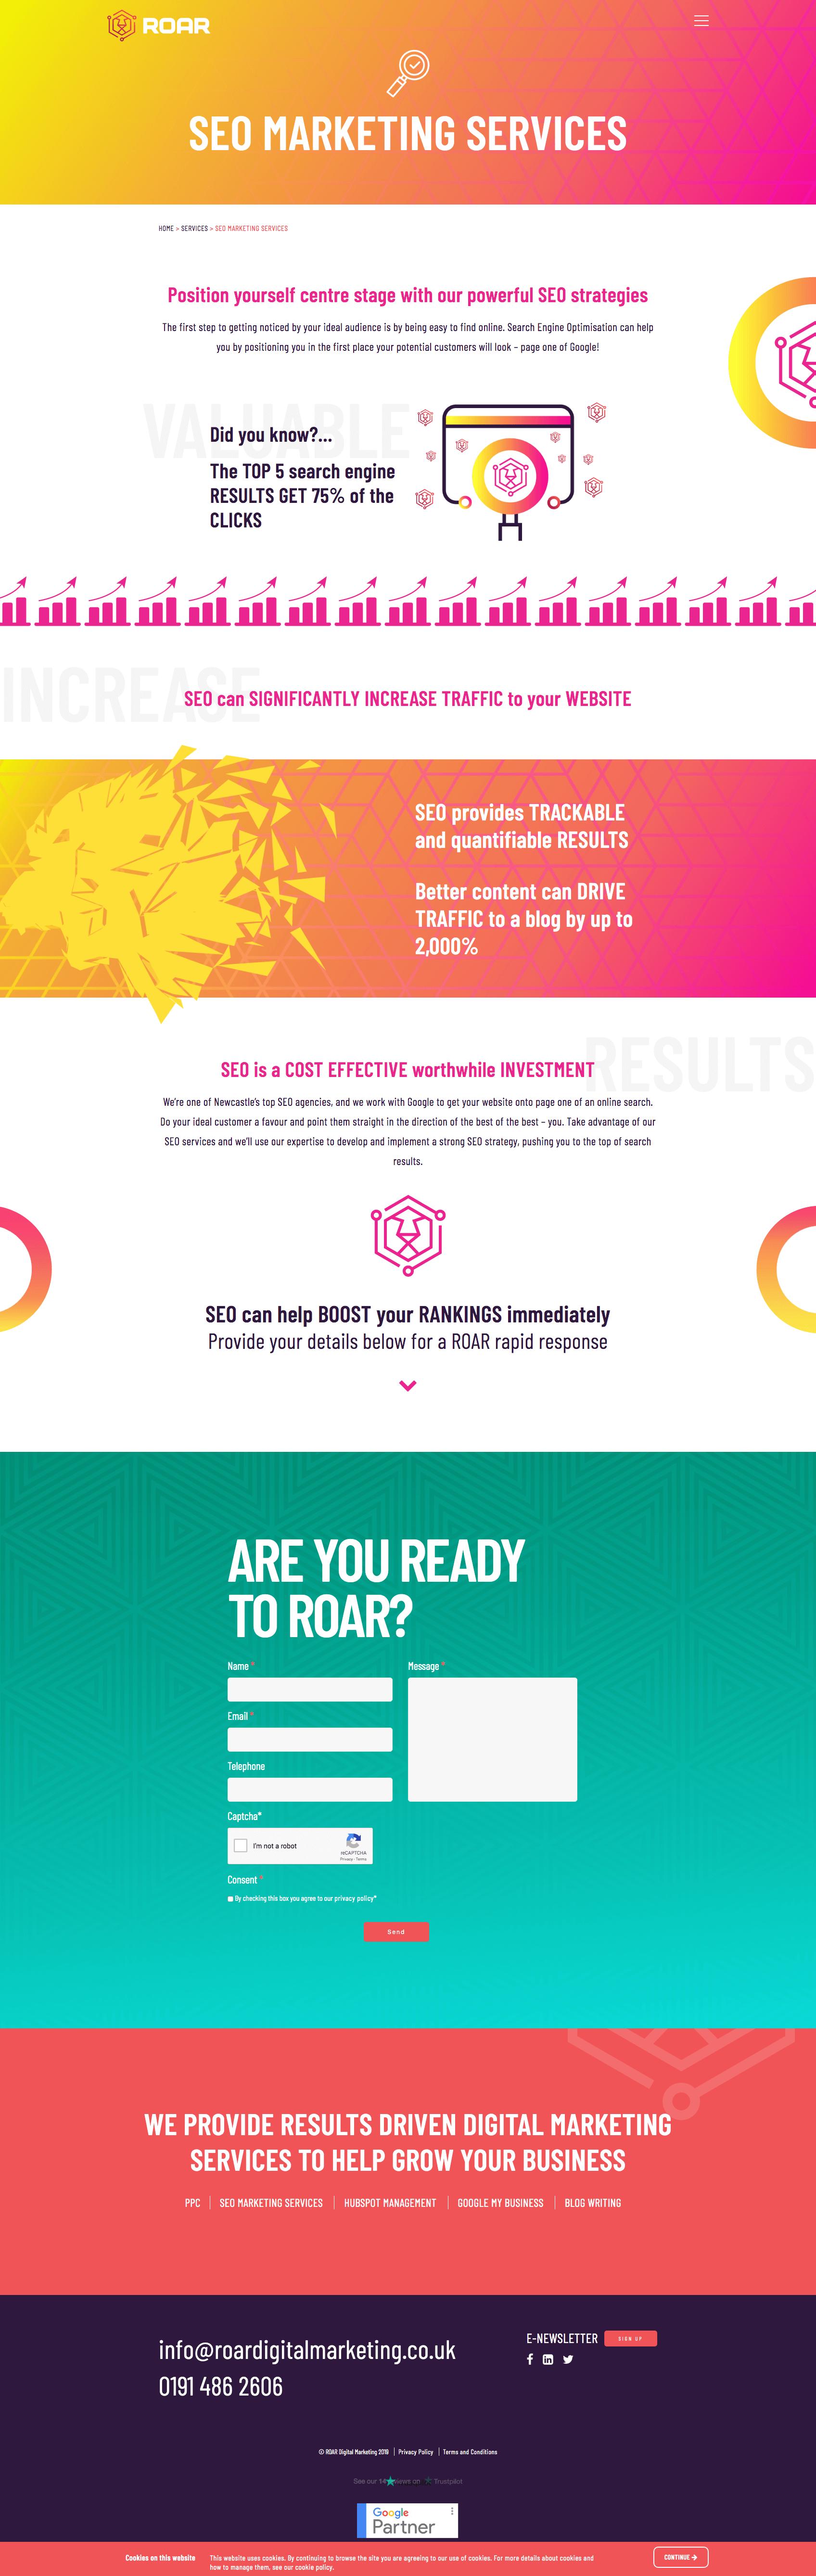 Roar_website_inner_page